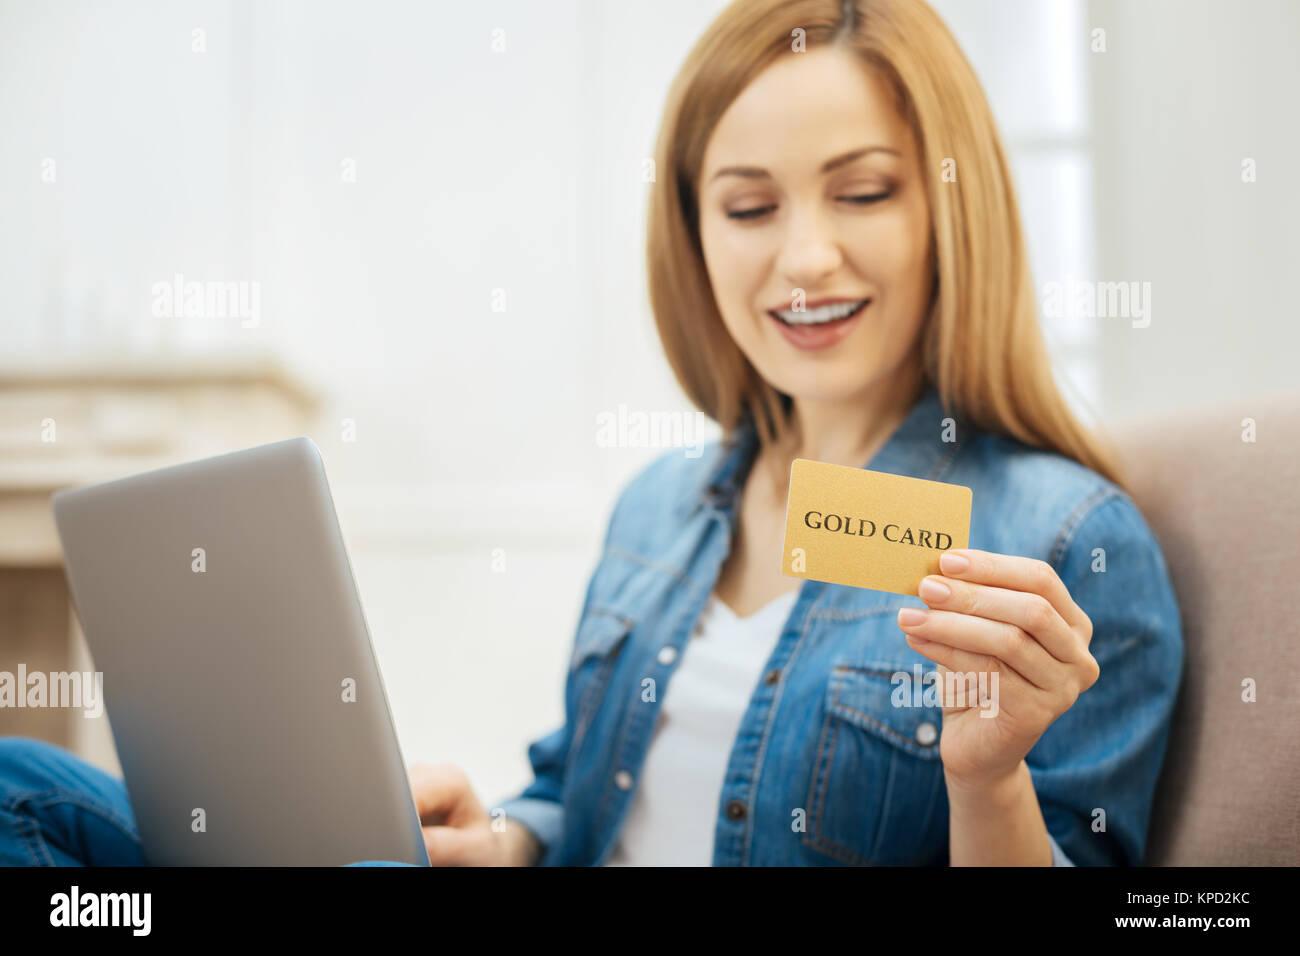 Alert donna che guarda la sua carta oro Immagini Stock